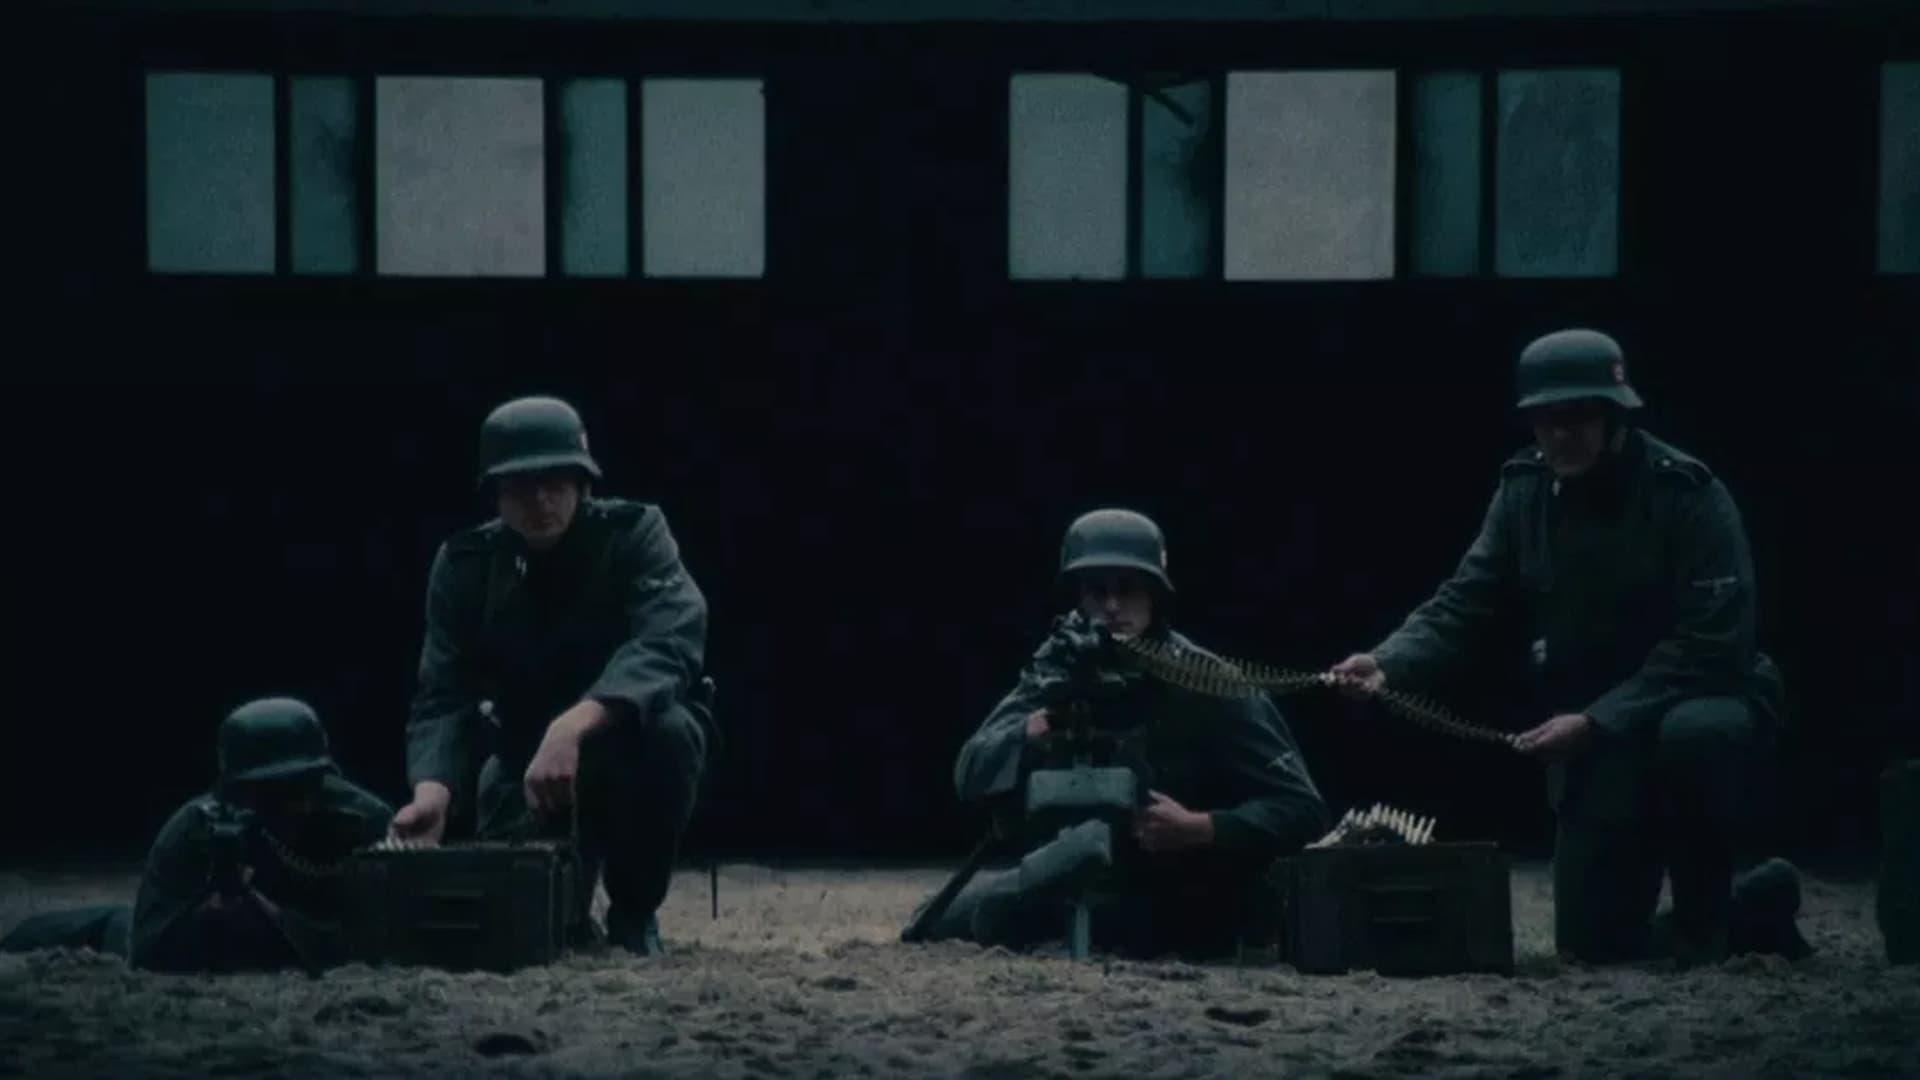 L'Armée des ombres